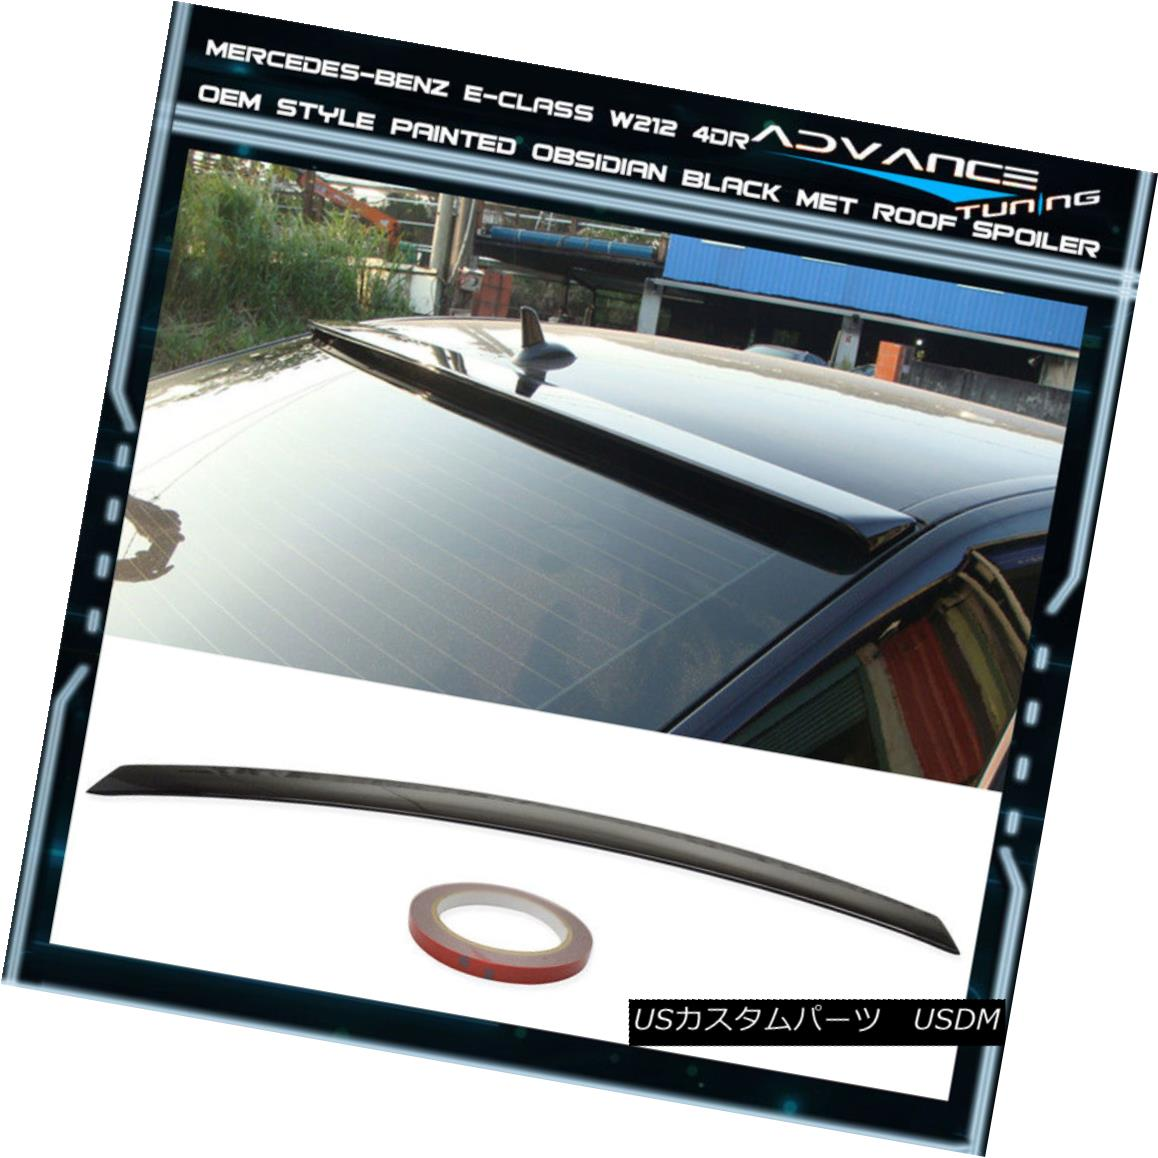 エアロパーツ 10-16 Benz E-Class W212 Roof Spoiler OEM Painted Color # 197 Obsidian Black Met 10-16ベンツEクラスW212ルーフスポイラーOEM塗装カラー#197黒曜石黒